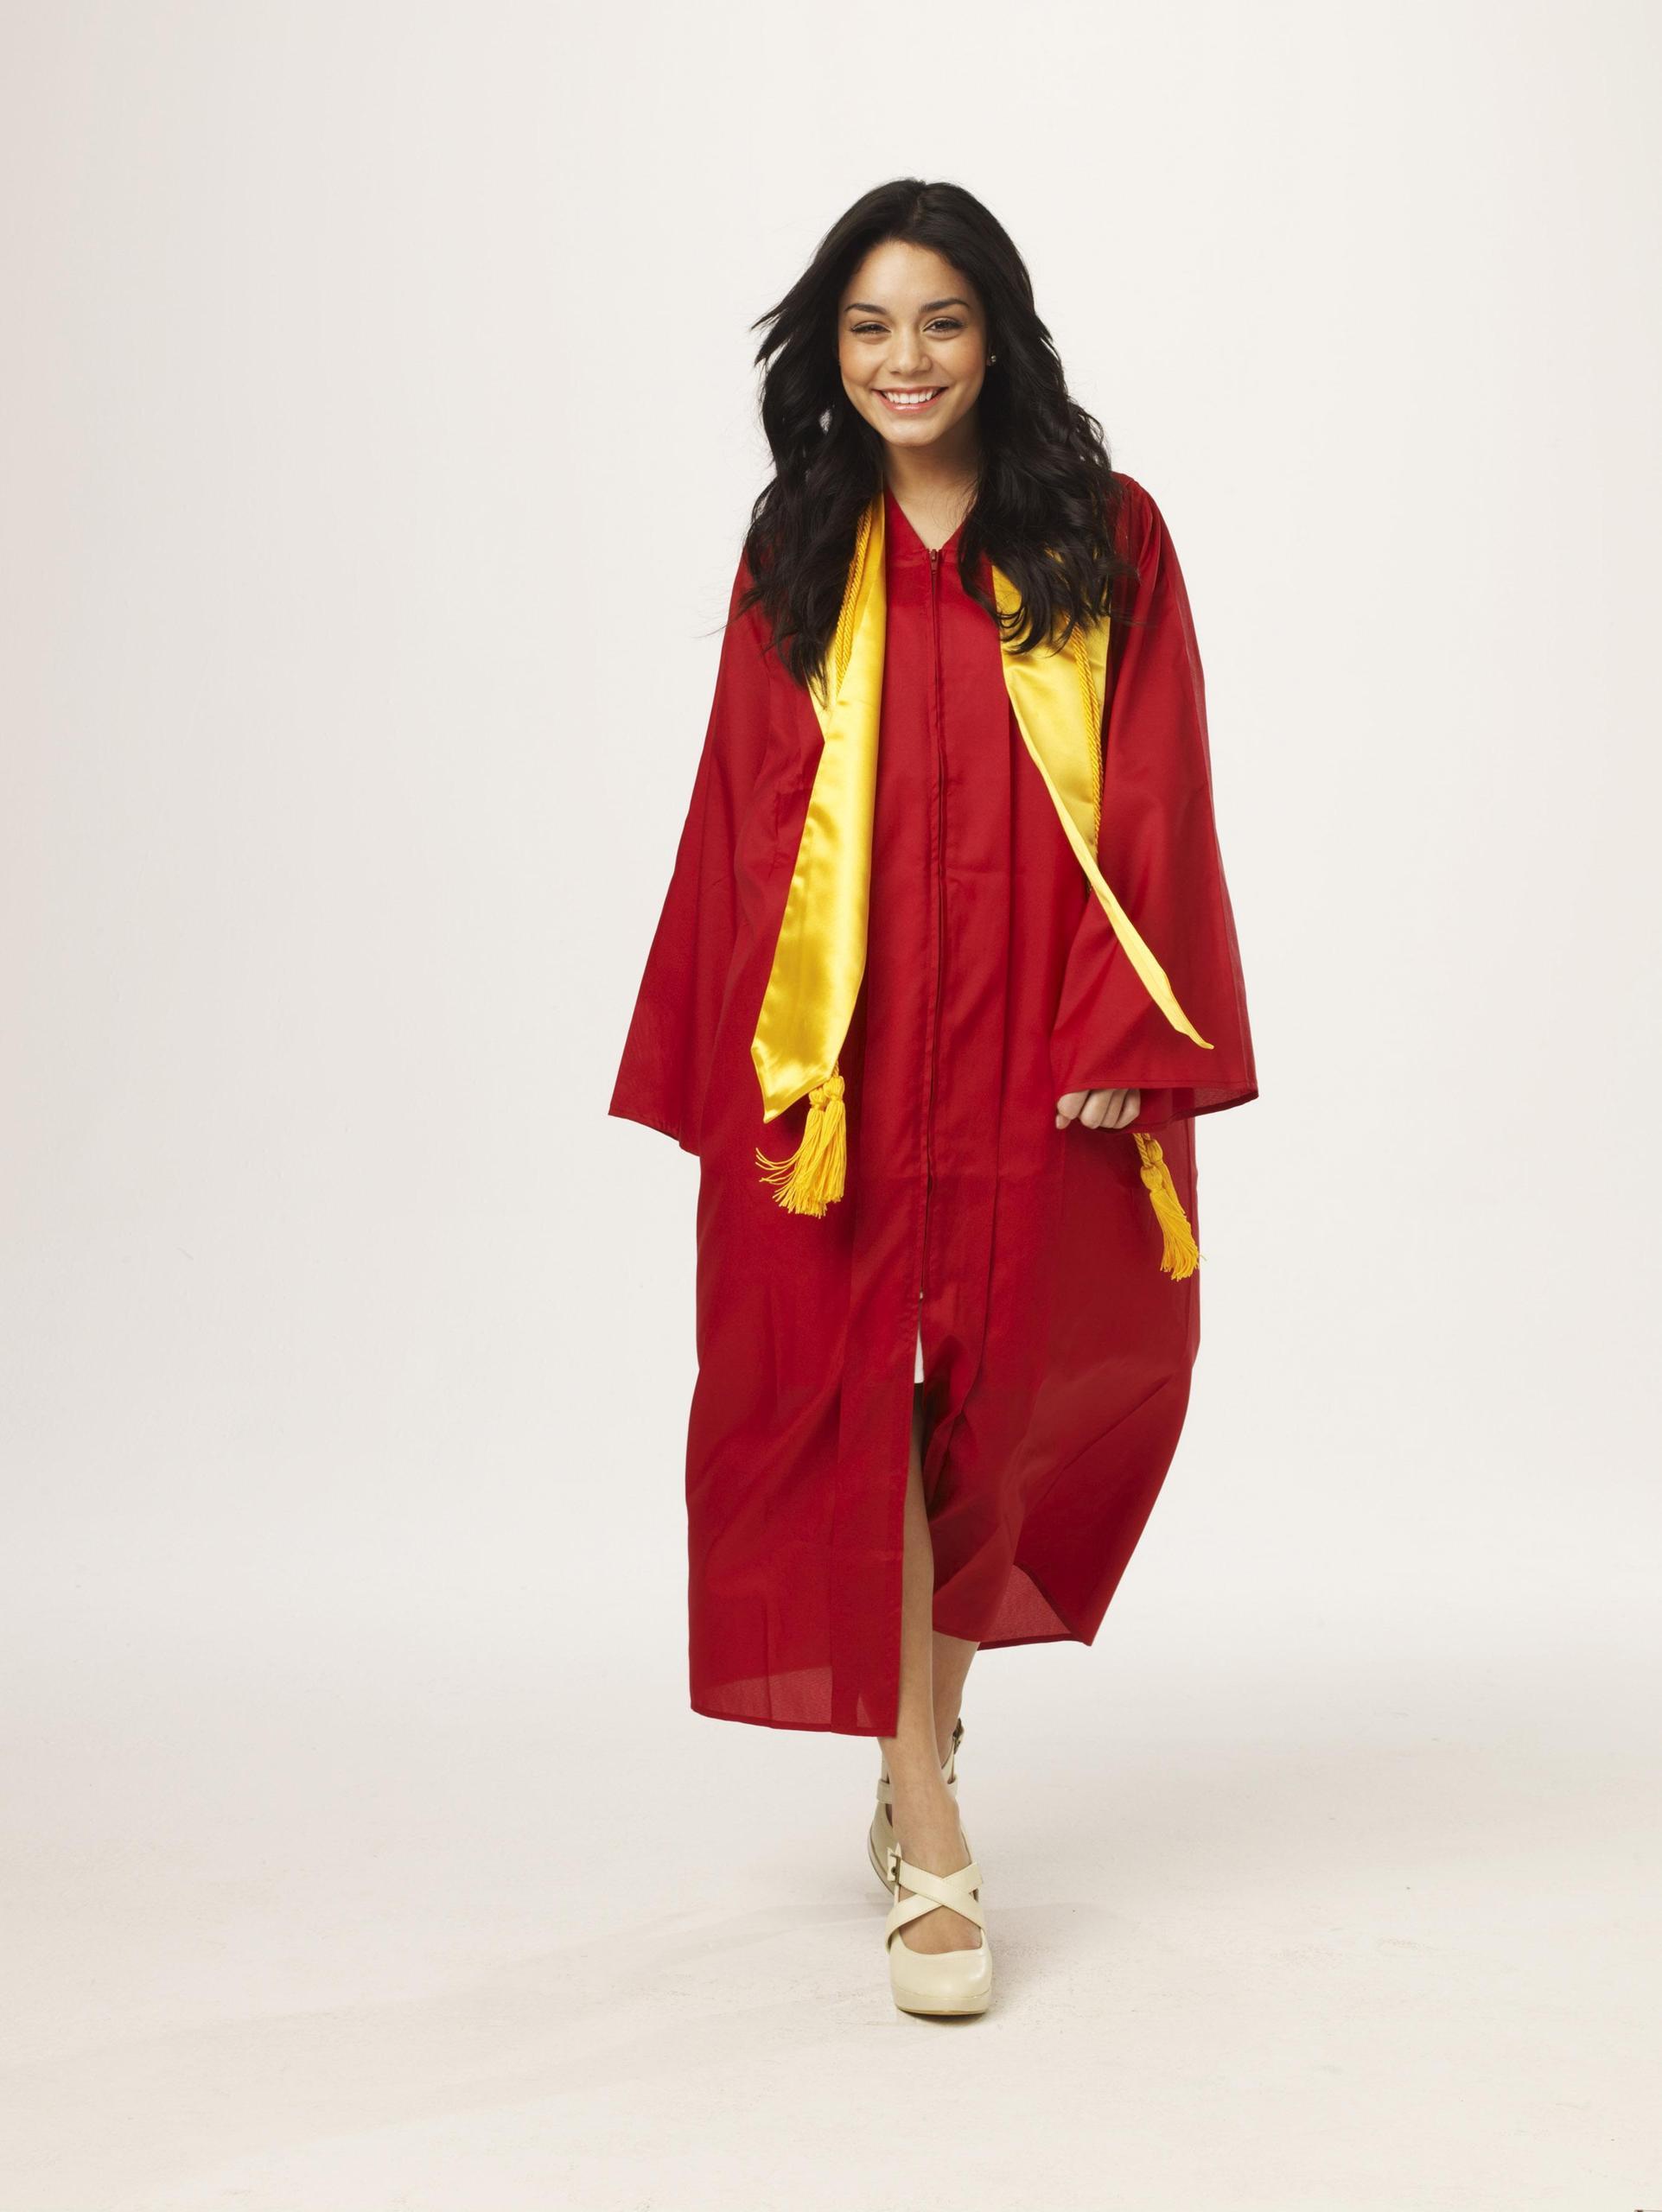 High School Musical 3 - Vanessa Hudgens